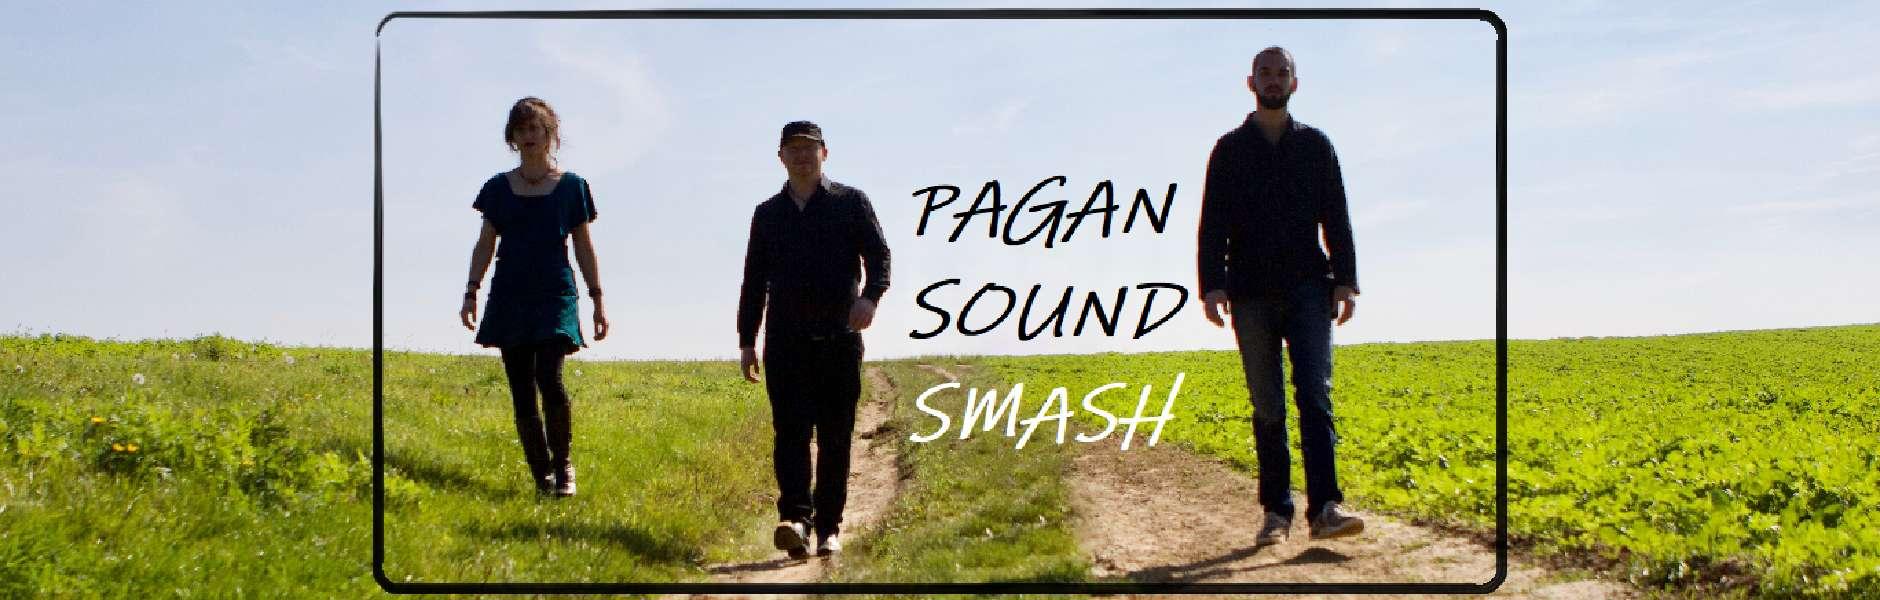 Pagan Sound Smash